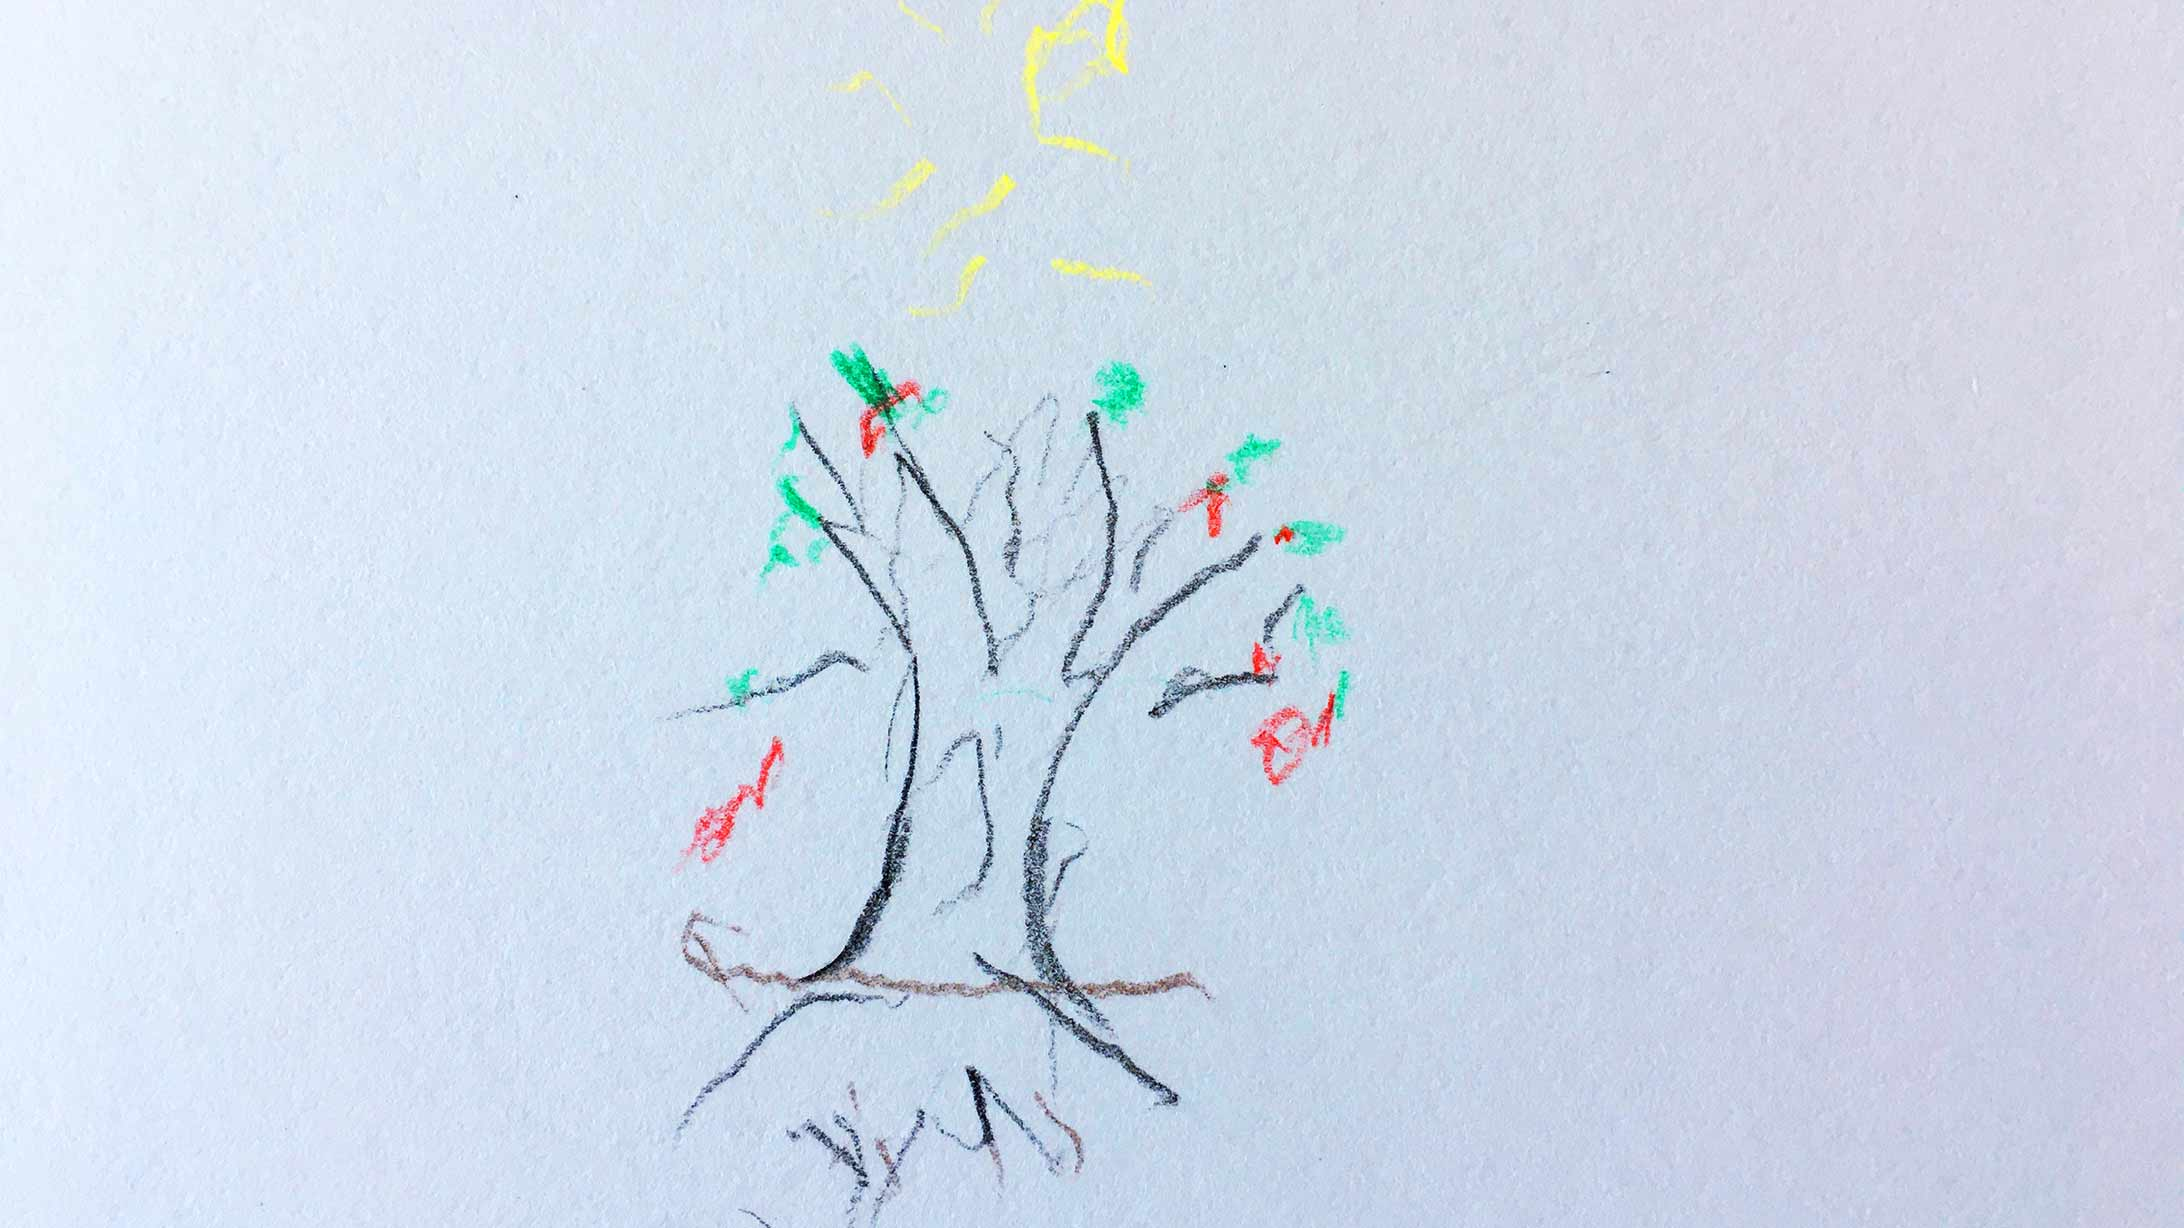 Ein Bild von einem Baum. Gemalt in der Kunsttherapie